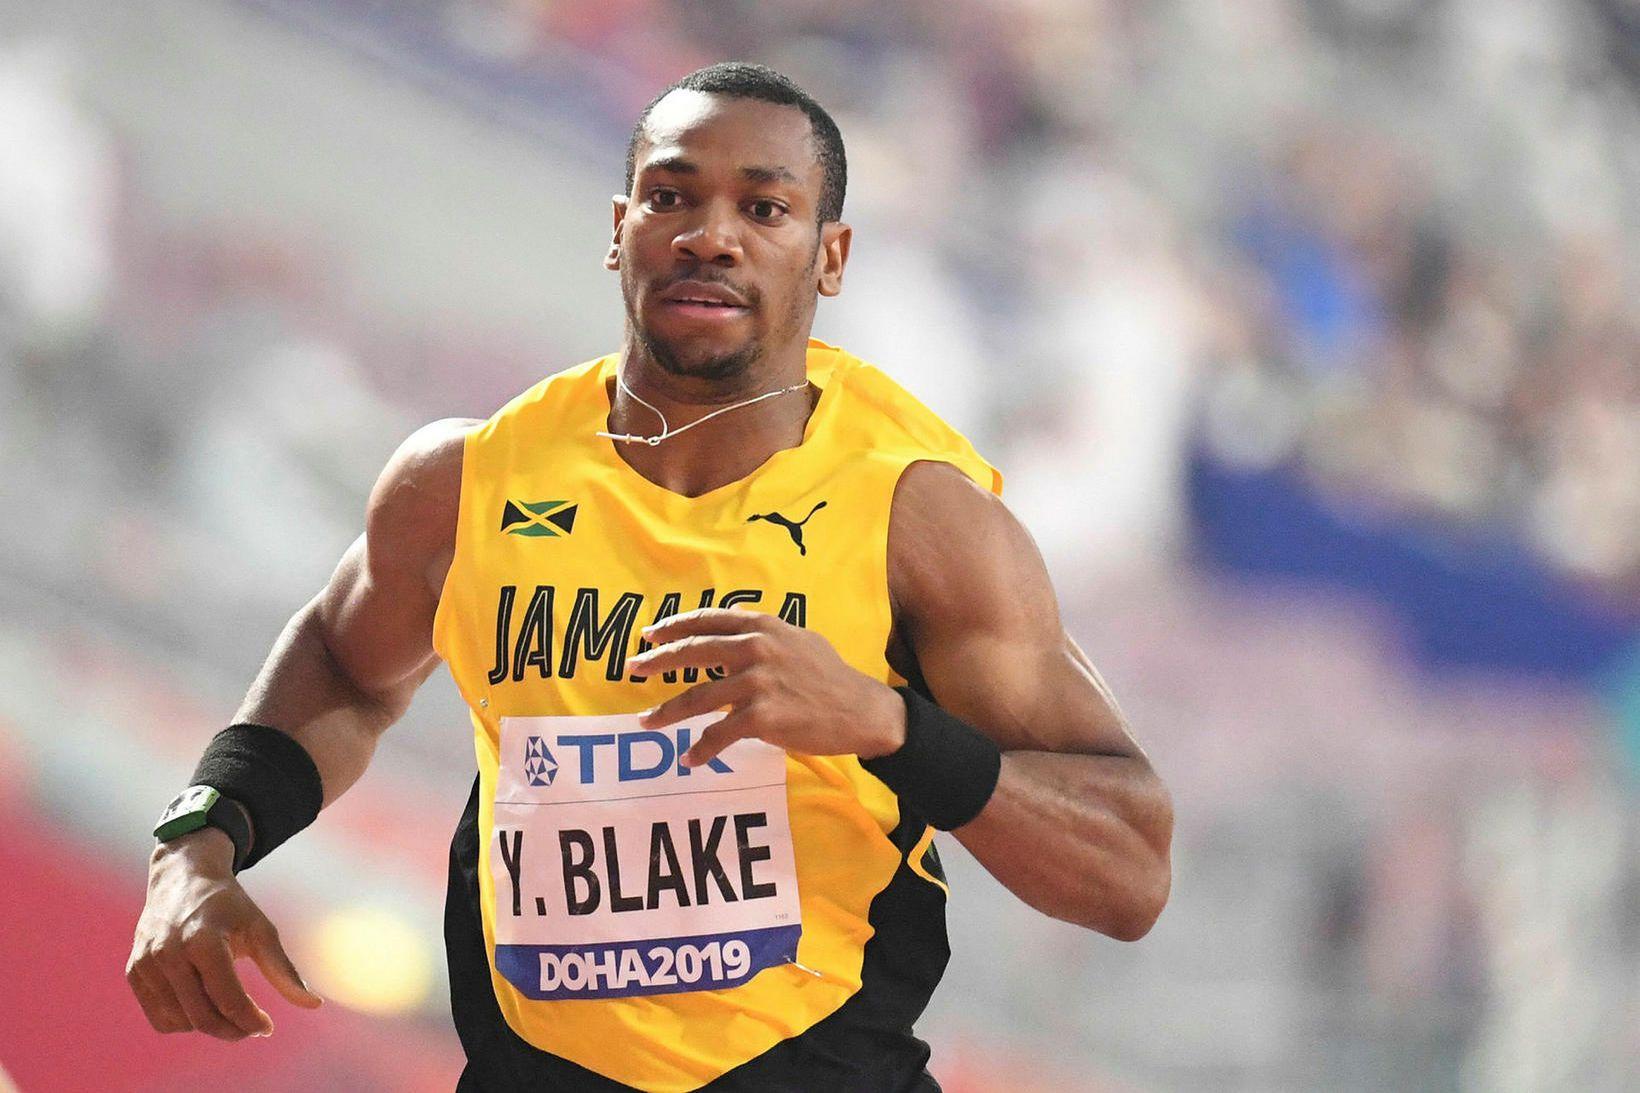 Yohan Blake hefur verið einn besti spretthlaupari heims í rúman …